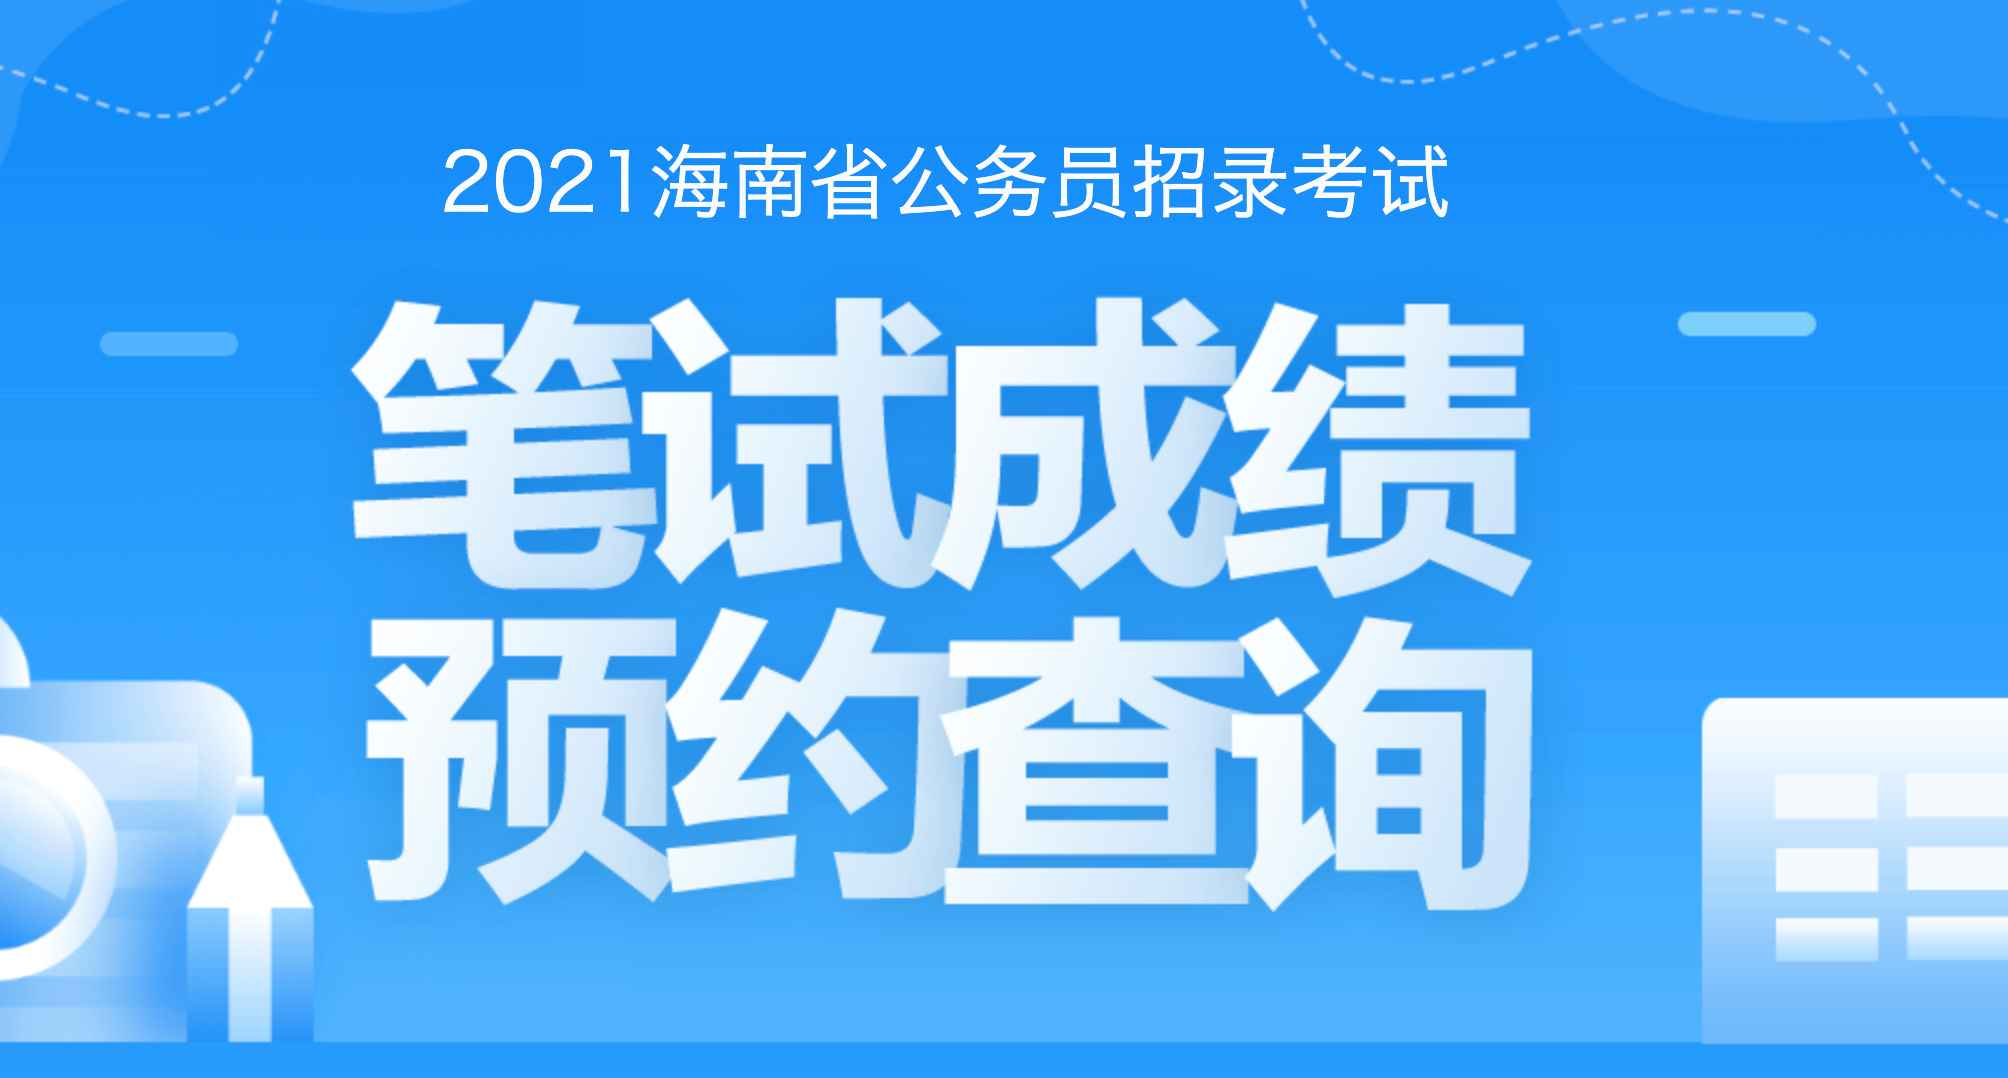 2021年海南省考成绩查询预约